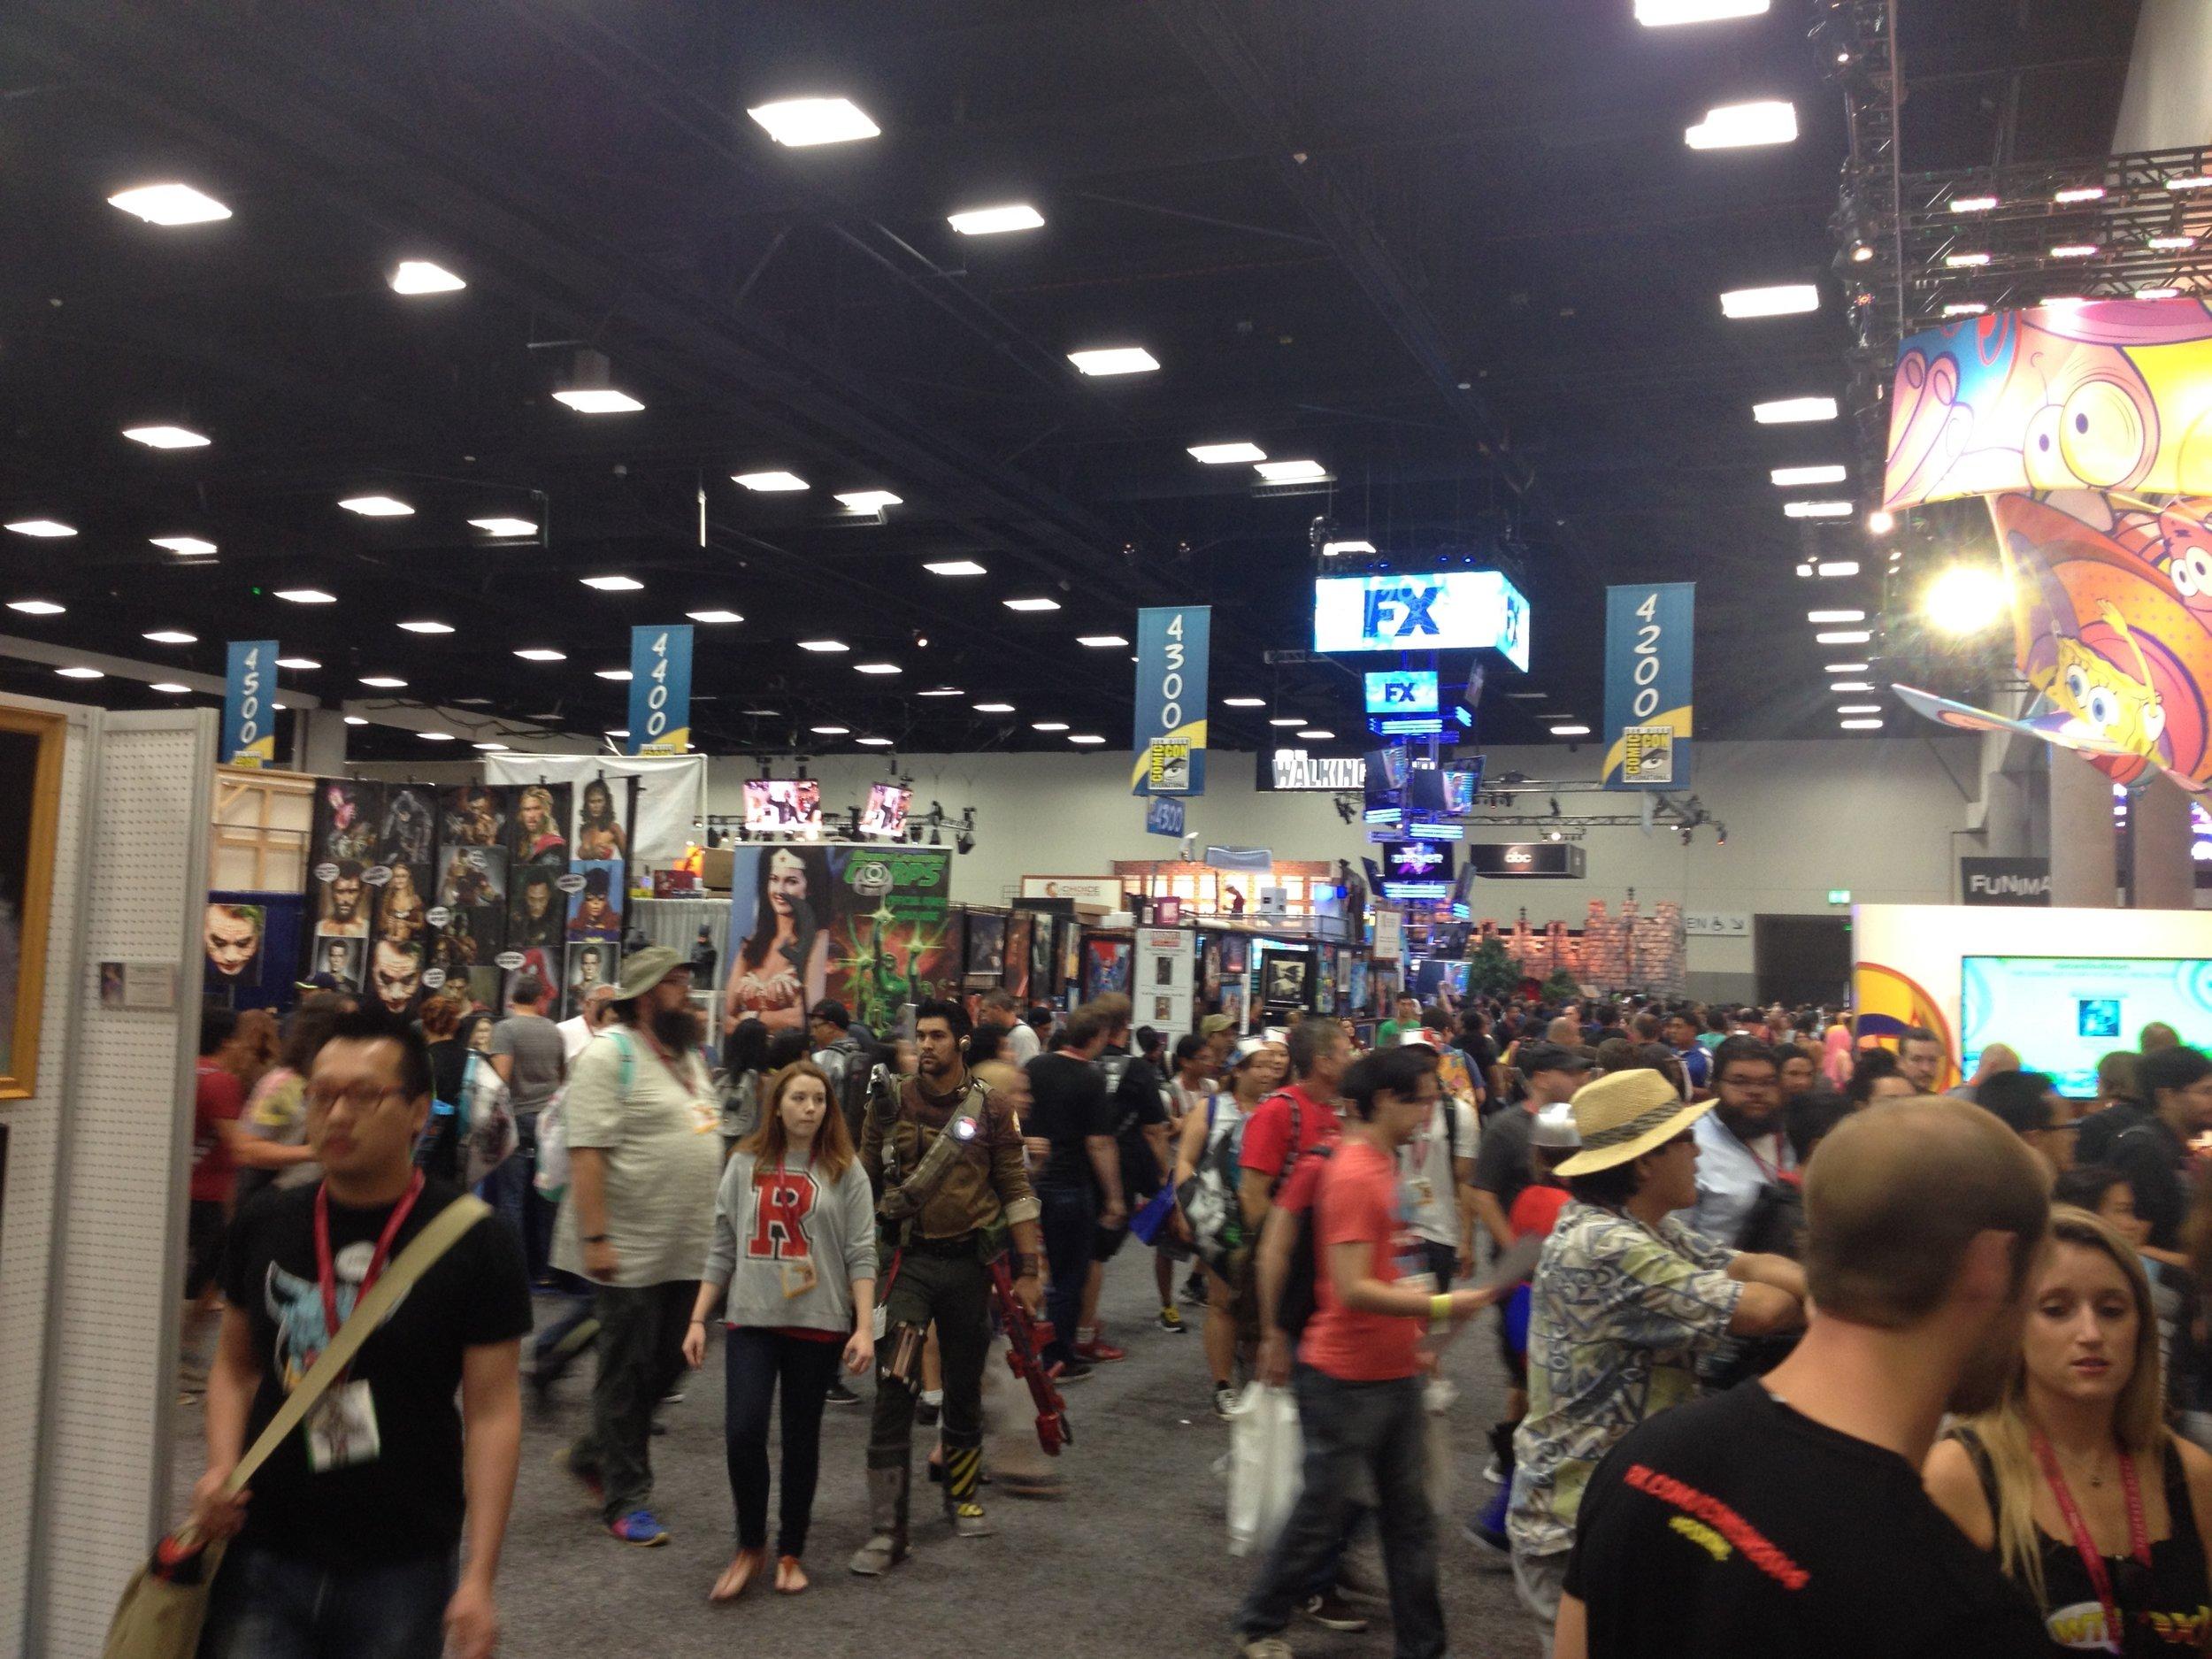 Comic Con exhibit hall